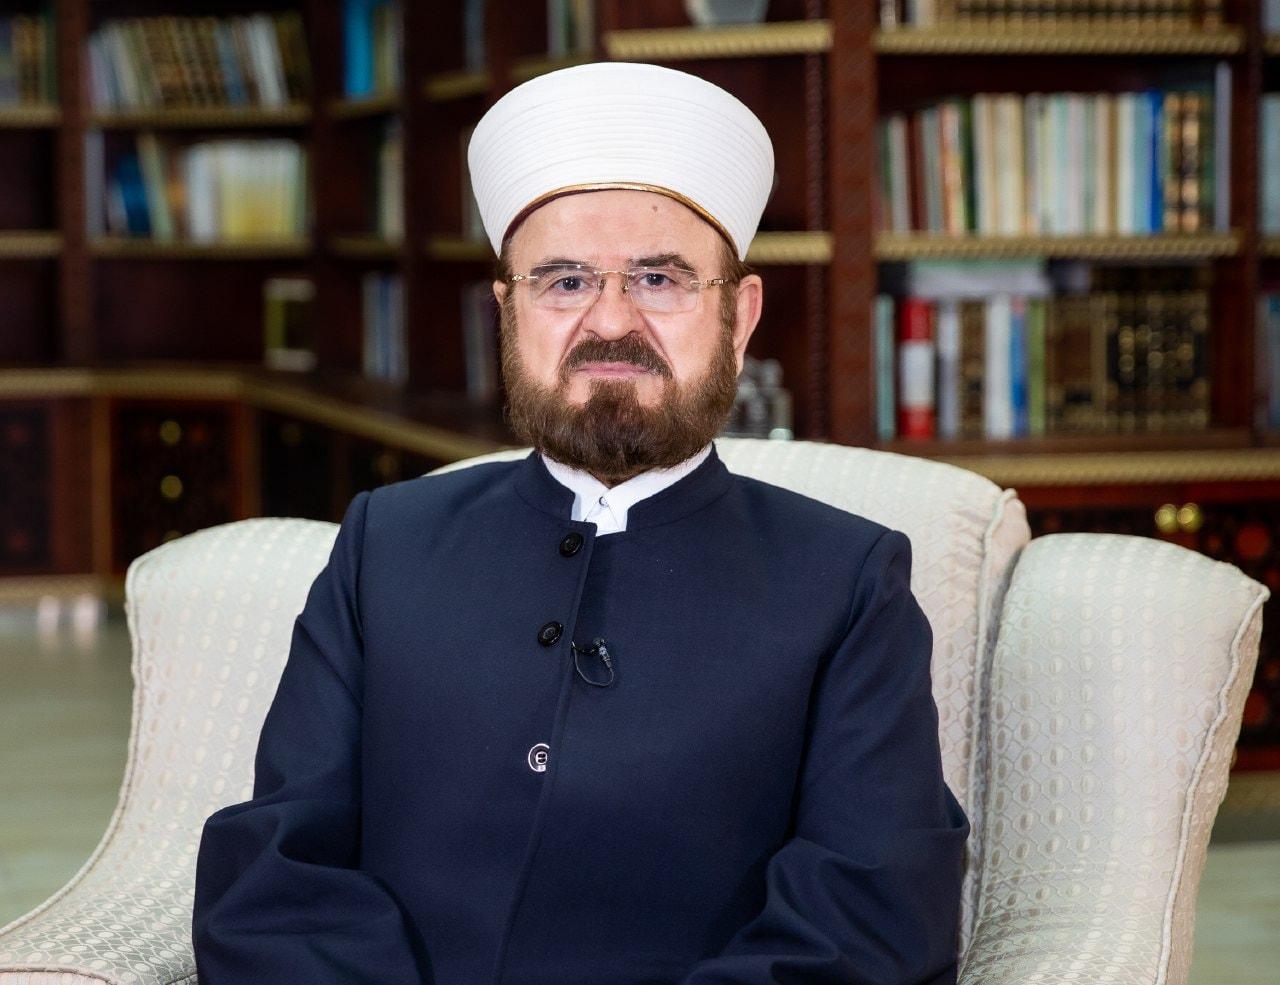 گفتگوی خبری با حضور دبیرکل اتحادیه جهانی علمای مسلمان